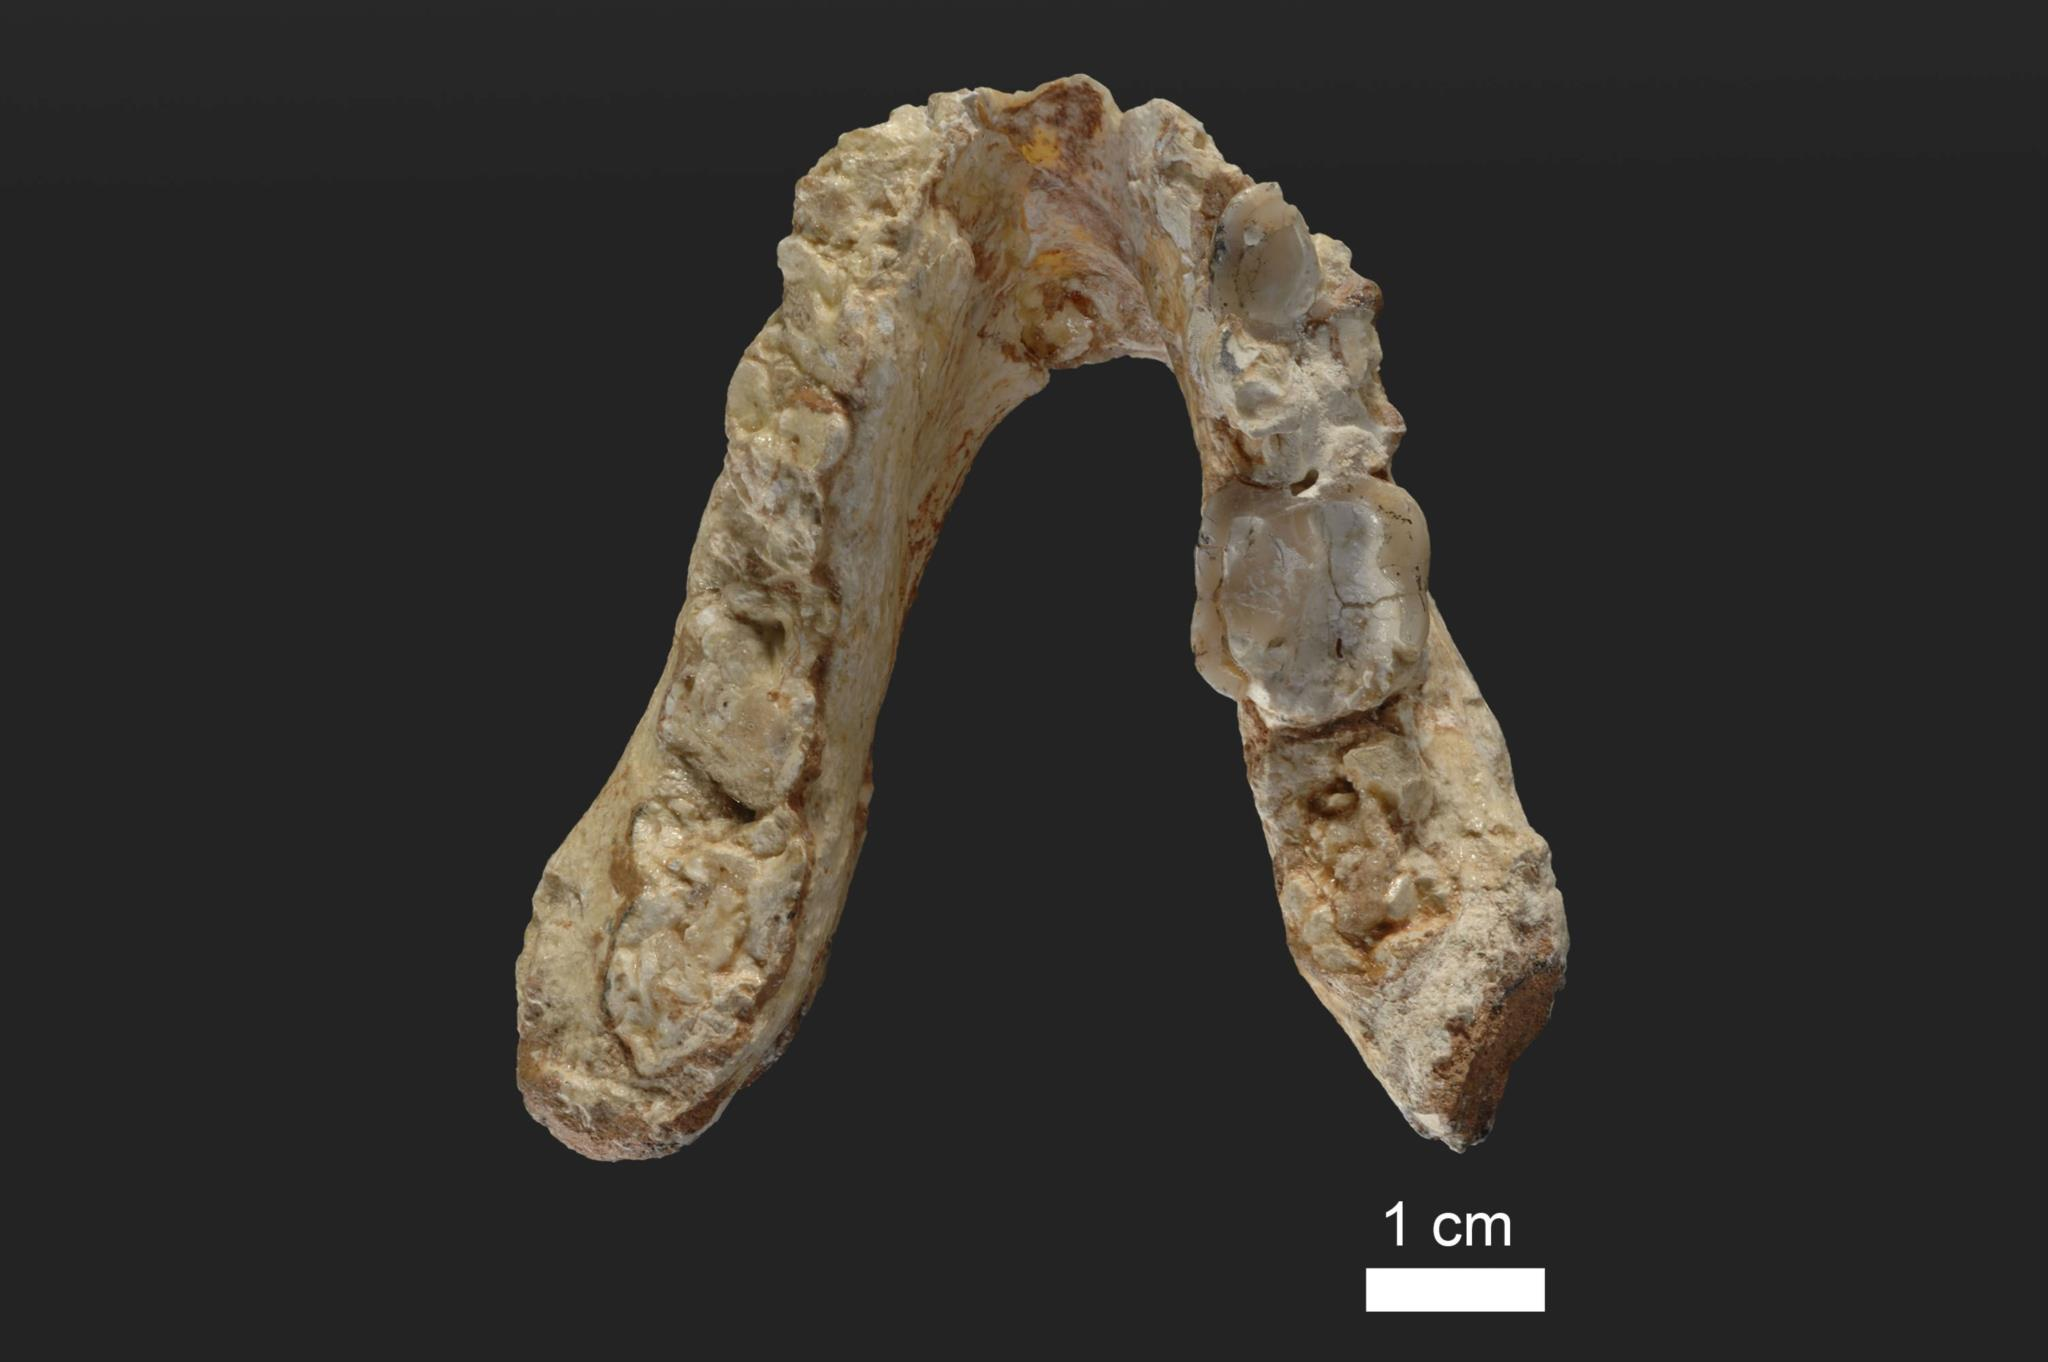 PÚBLICO - Dois fósseis vieram lançar dúvidas sobre origem da linhagem humana em África